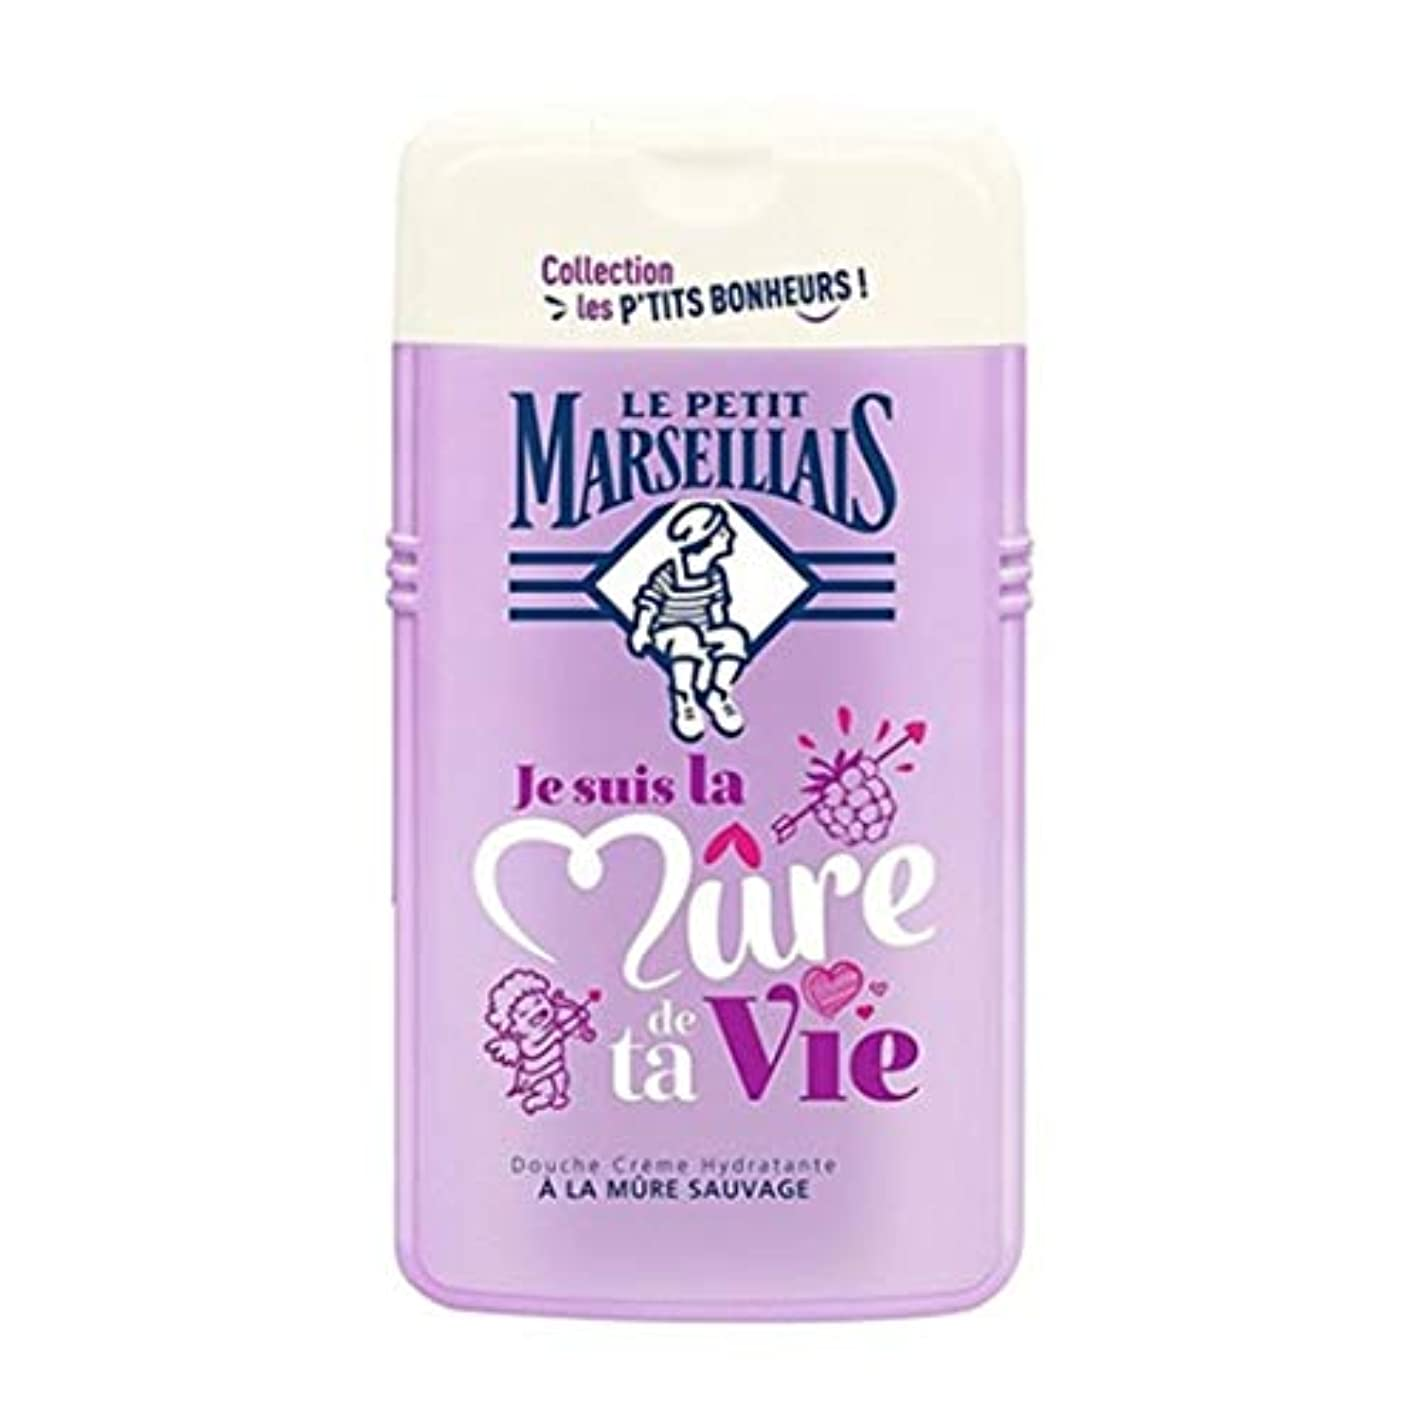 「ブラックベリー」シャワークリーム ???? フランスの「ル?プティ?マルセイユ (Le Petit Marseillais)」 les P'TITS BONHEURS 250ml ボディウォッシュ